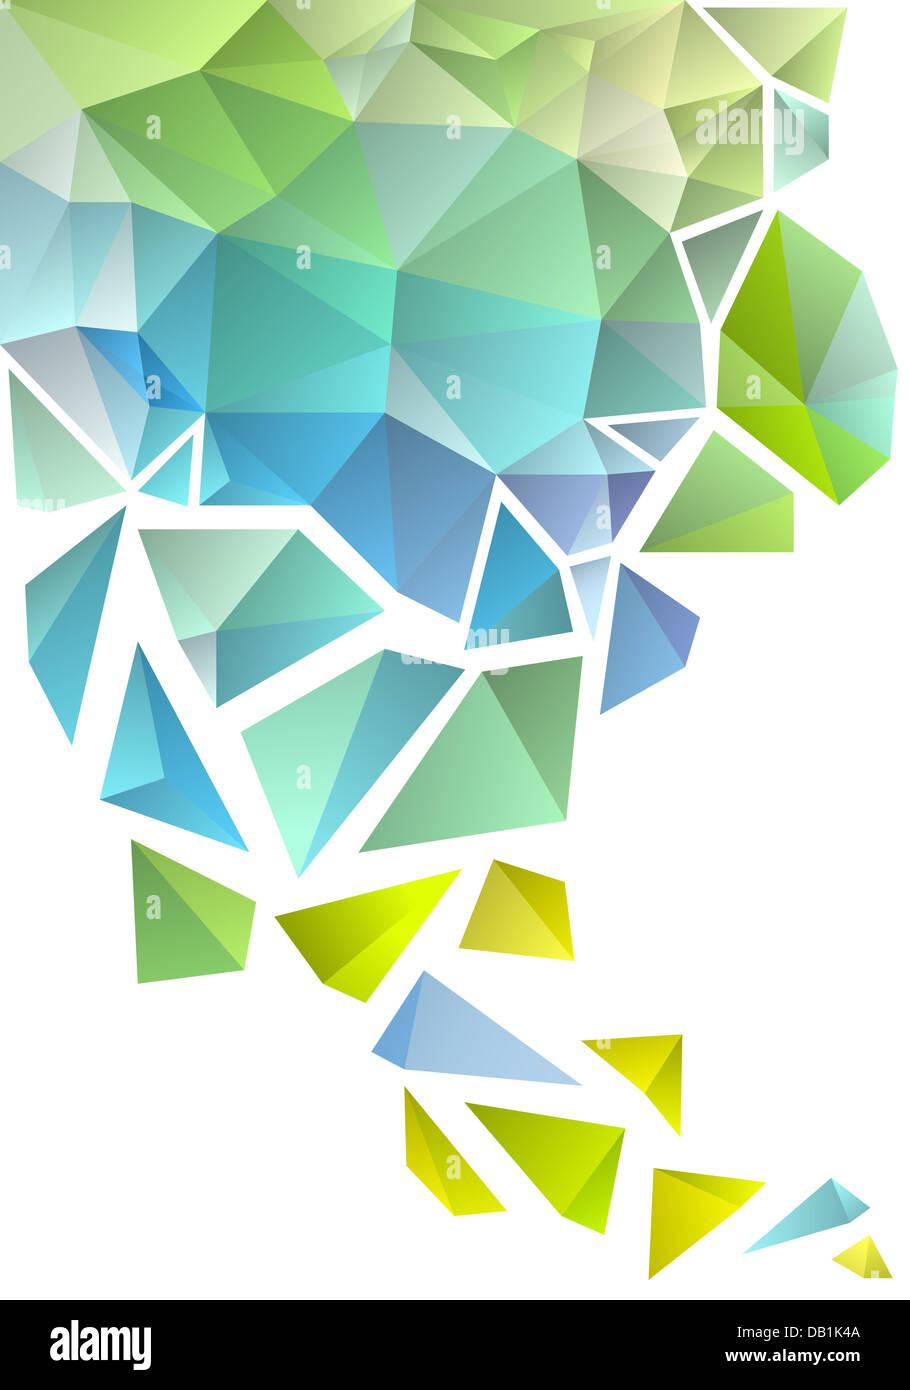 Polígono geométrica abstracta, vector de fondo Imagen De Stock